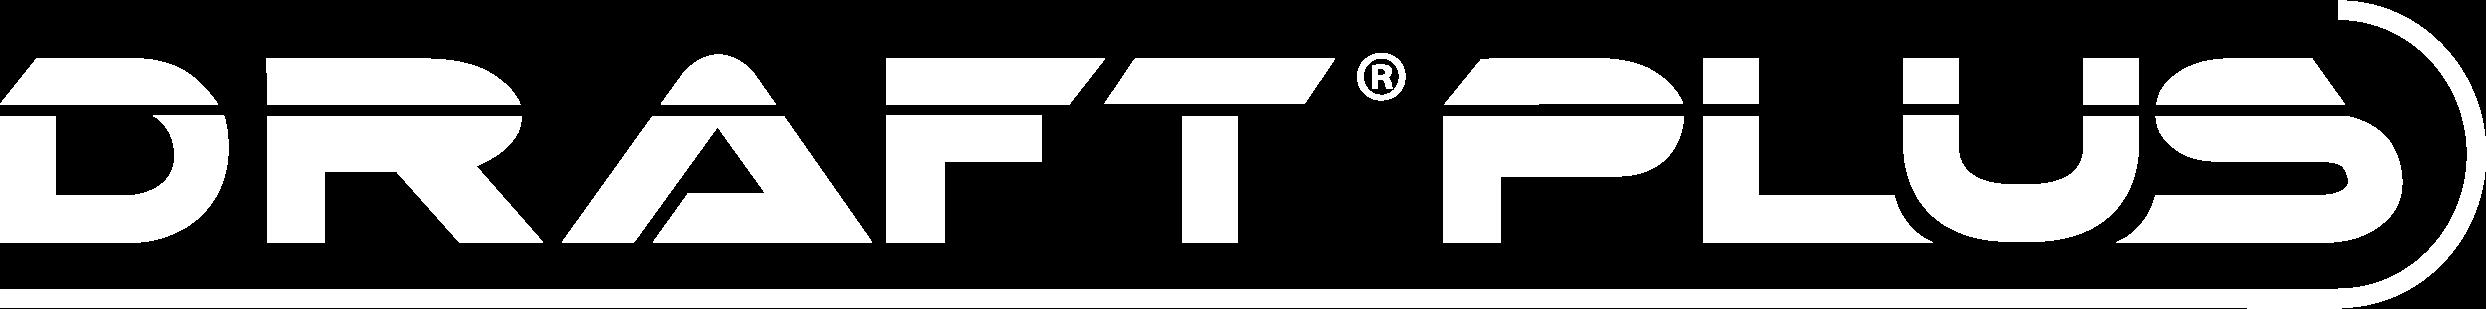 Draft Plus Logo_White-1